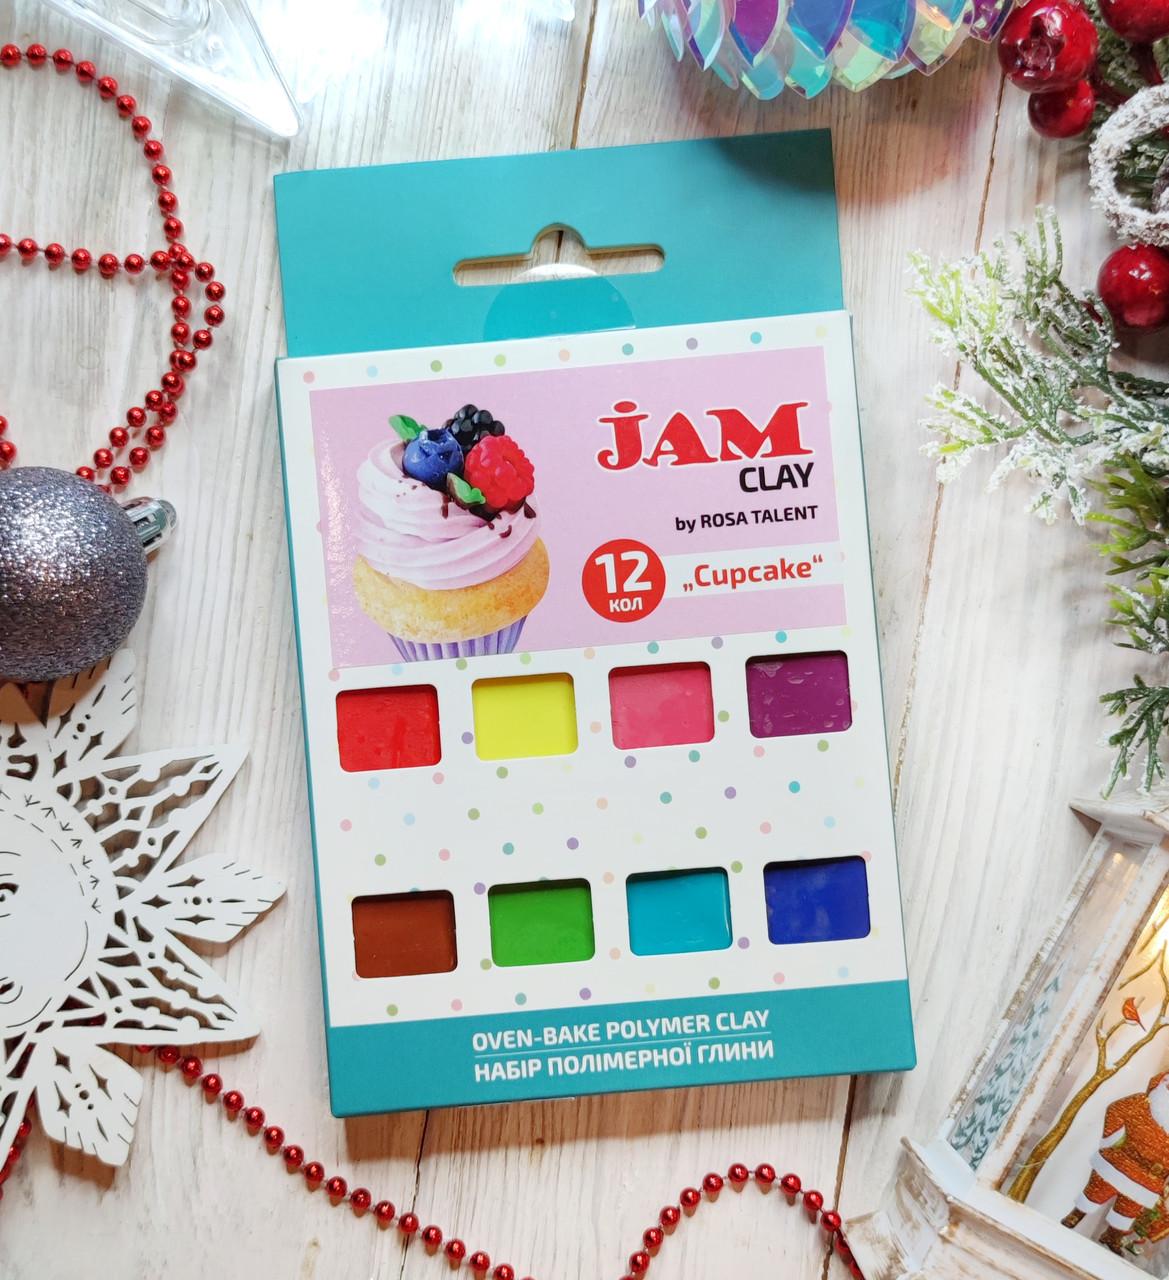 """НОВИНКА! Подарочный набор детской полимерной глины Jam """"Cupcake"""" Пирожное, 12шт.*20г бруски ."""